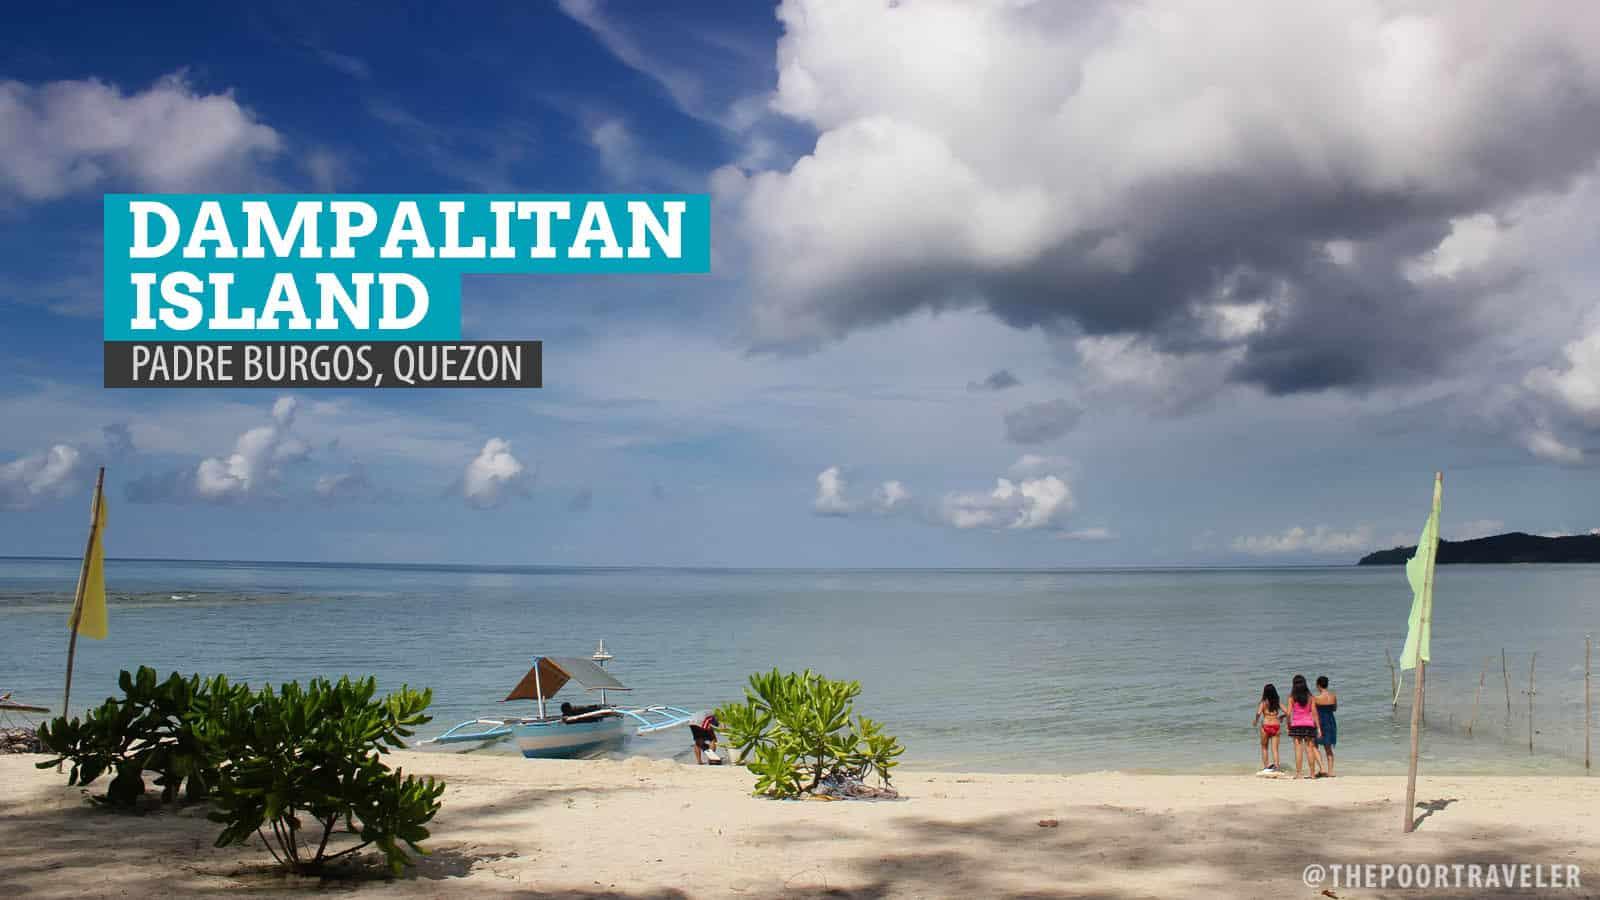 丹帕里坦岛:在奎松岛的帕德雷-布尔戈斯露营过夜 穷游者行程博客